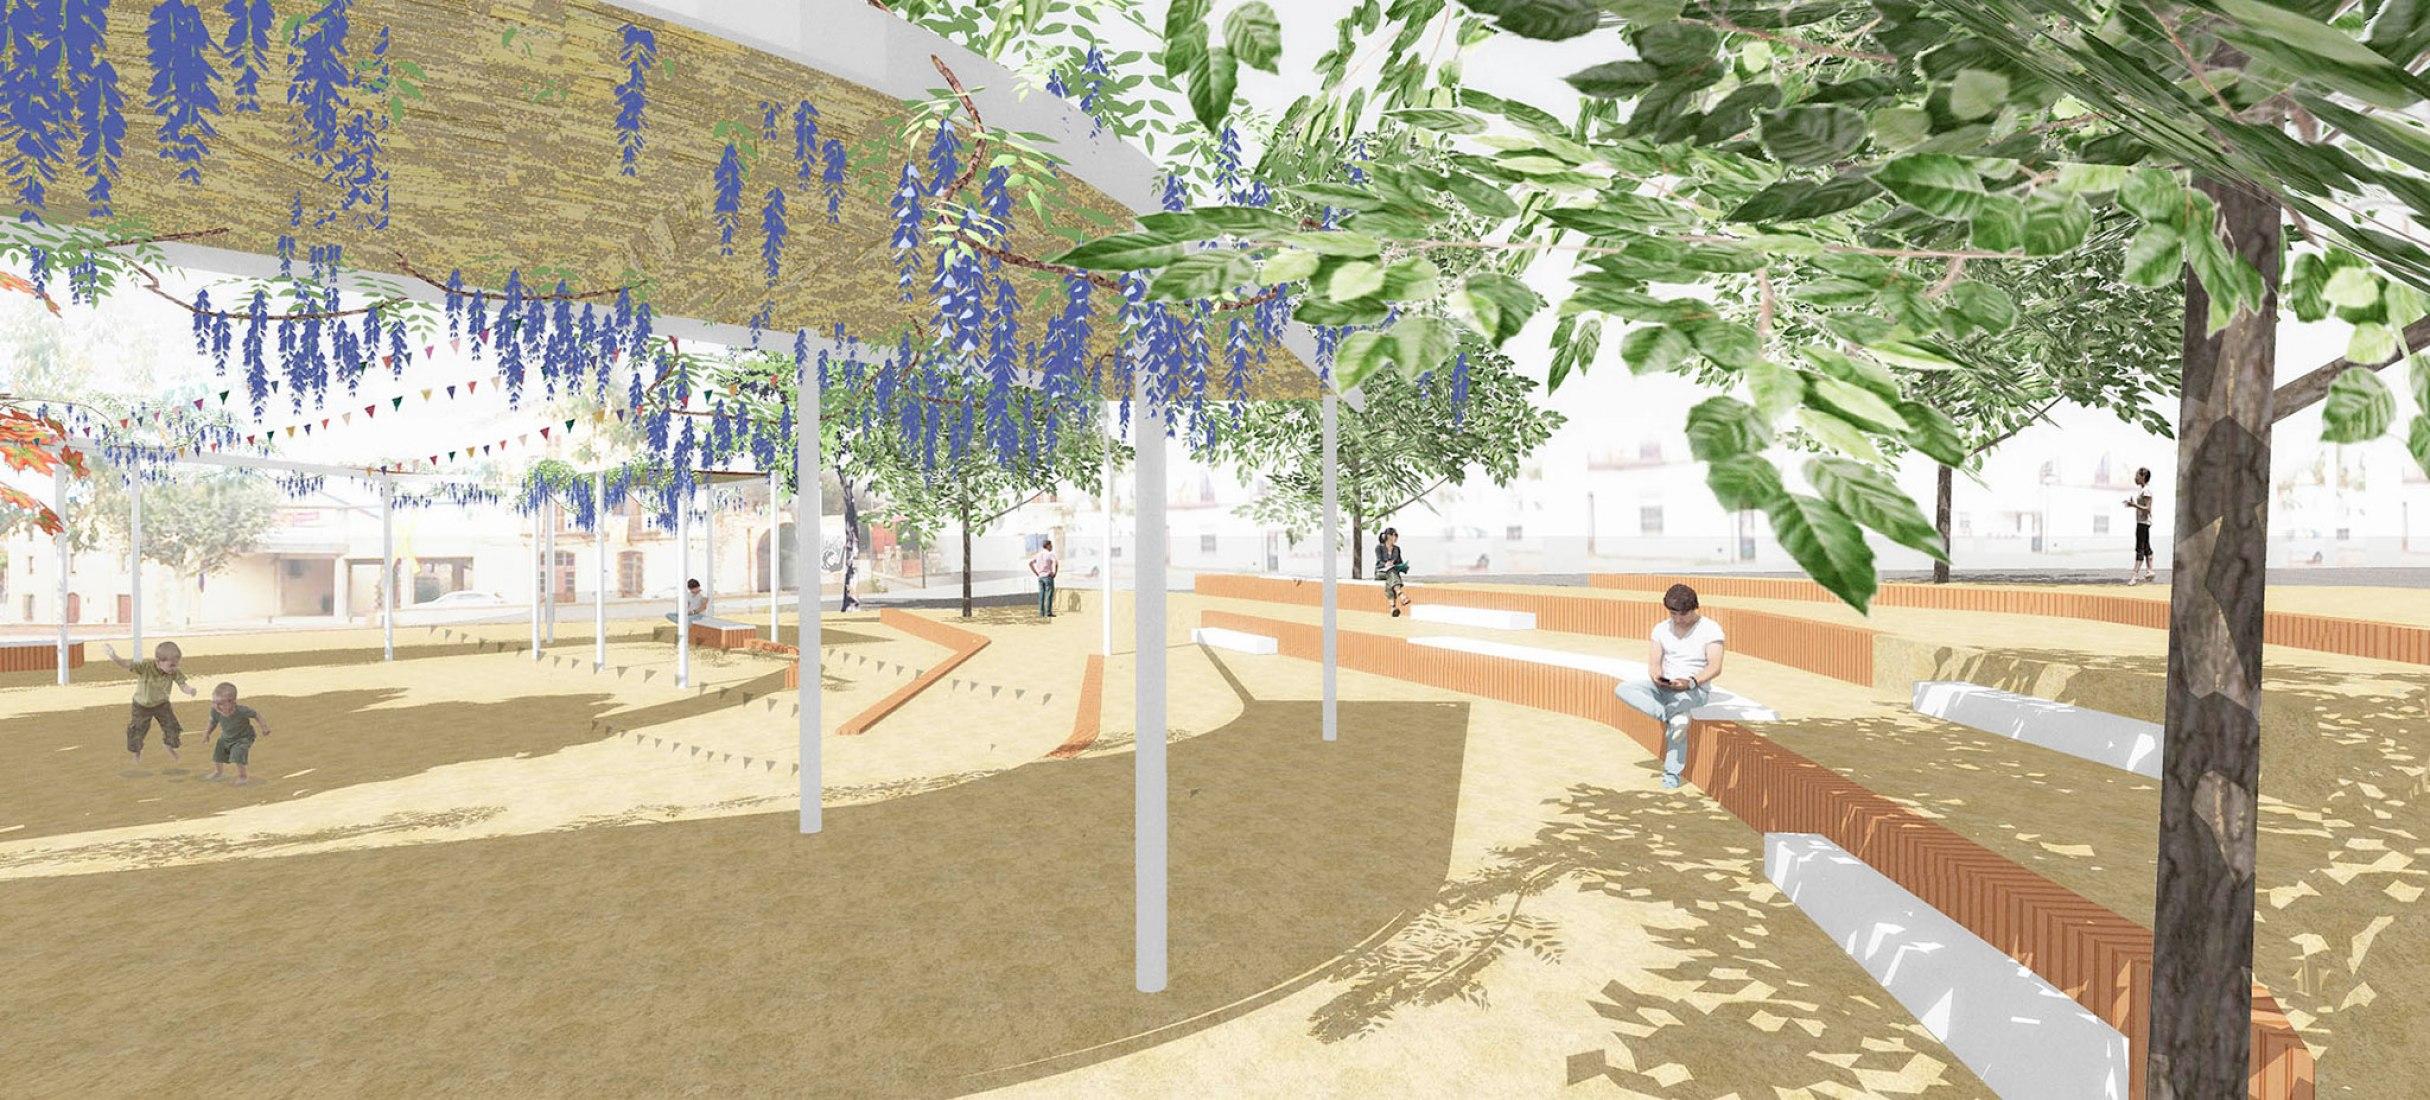 Visualización. Plaça de la Vila, en Sant Antoni de Vilamajor, Barcelona por LeA atelier